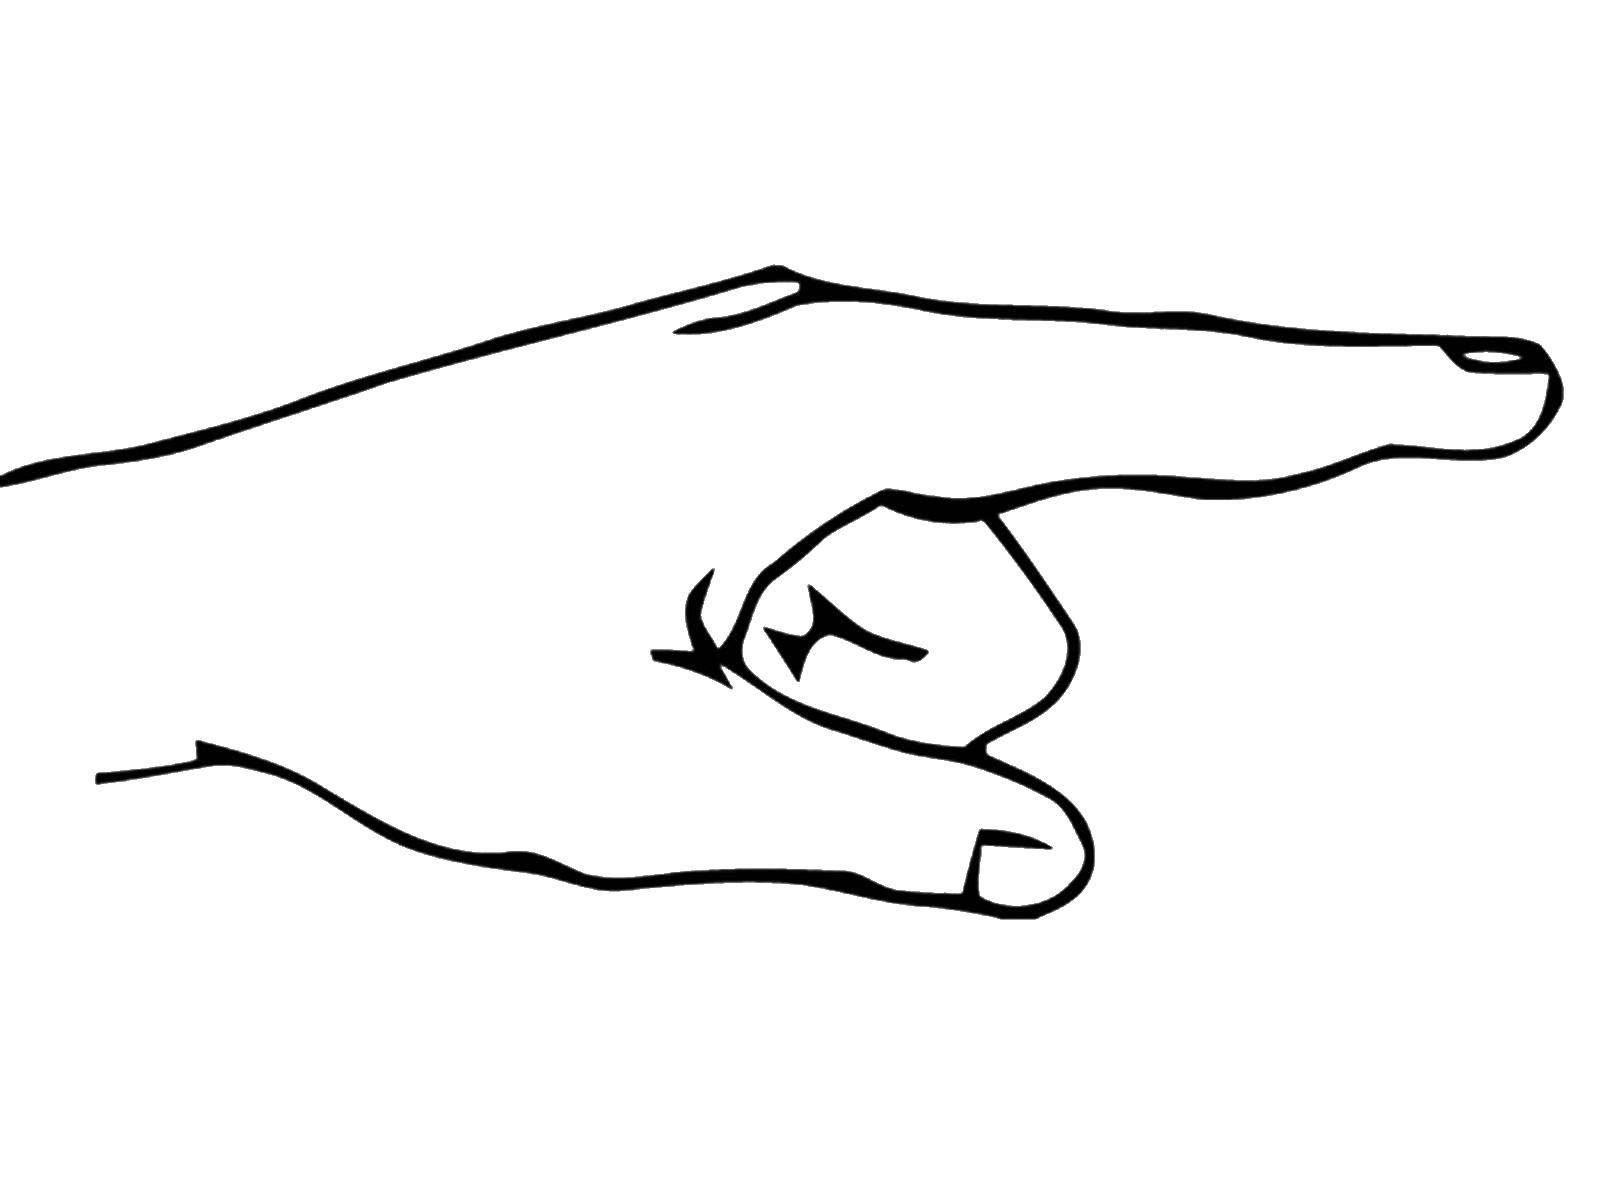 картинки пальцы для раскрашивания масла может доставить